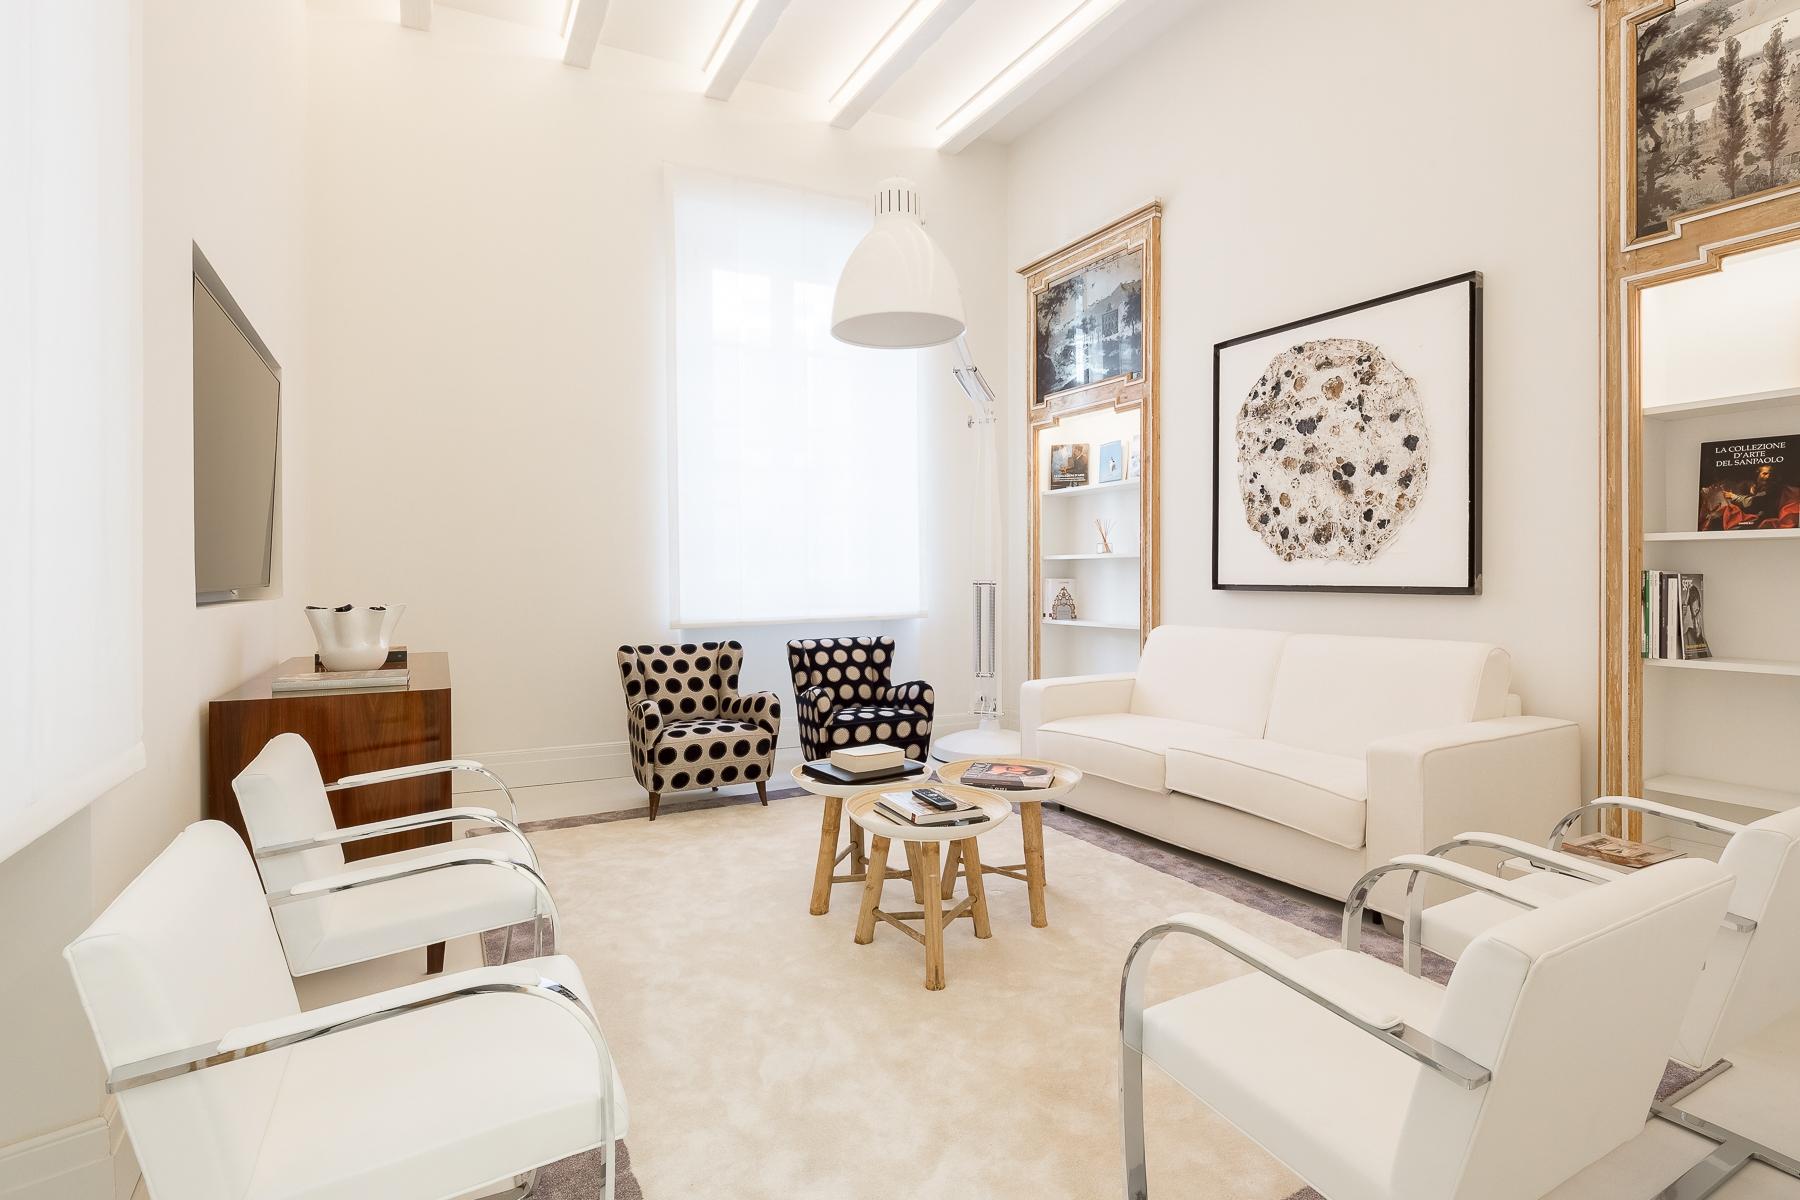 Appartamento in Affitto a Milano 02 Brera / Volta / Repubblica: 3 locali, 95 mq